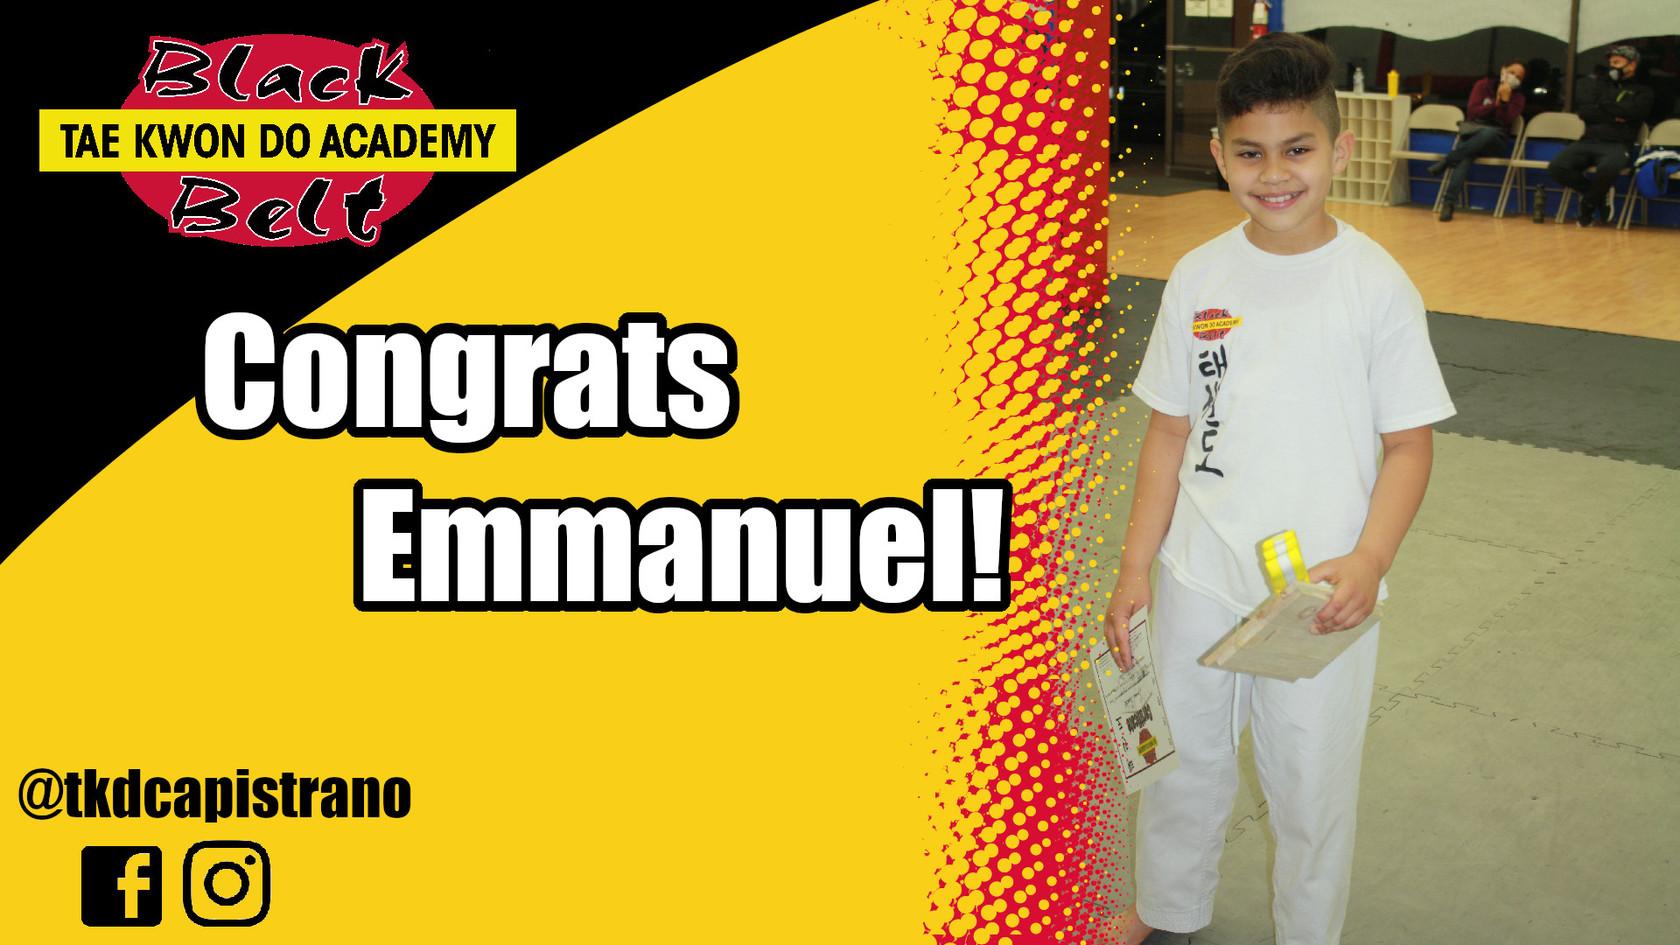 Congrats Emmanuel